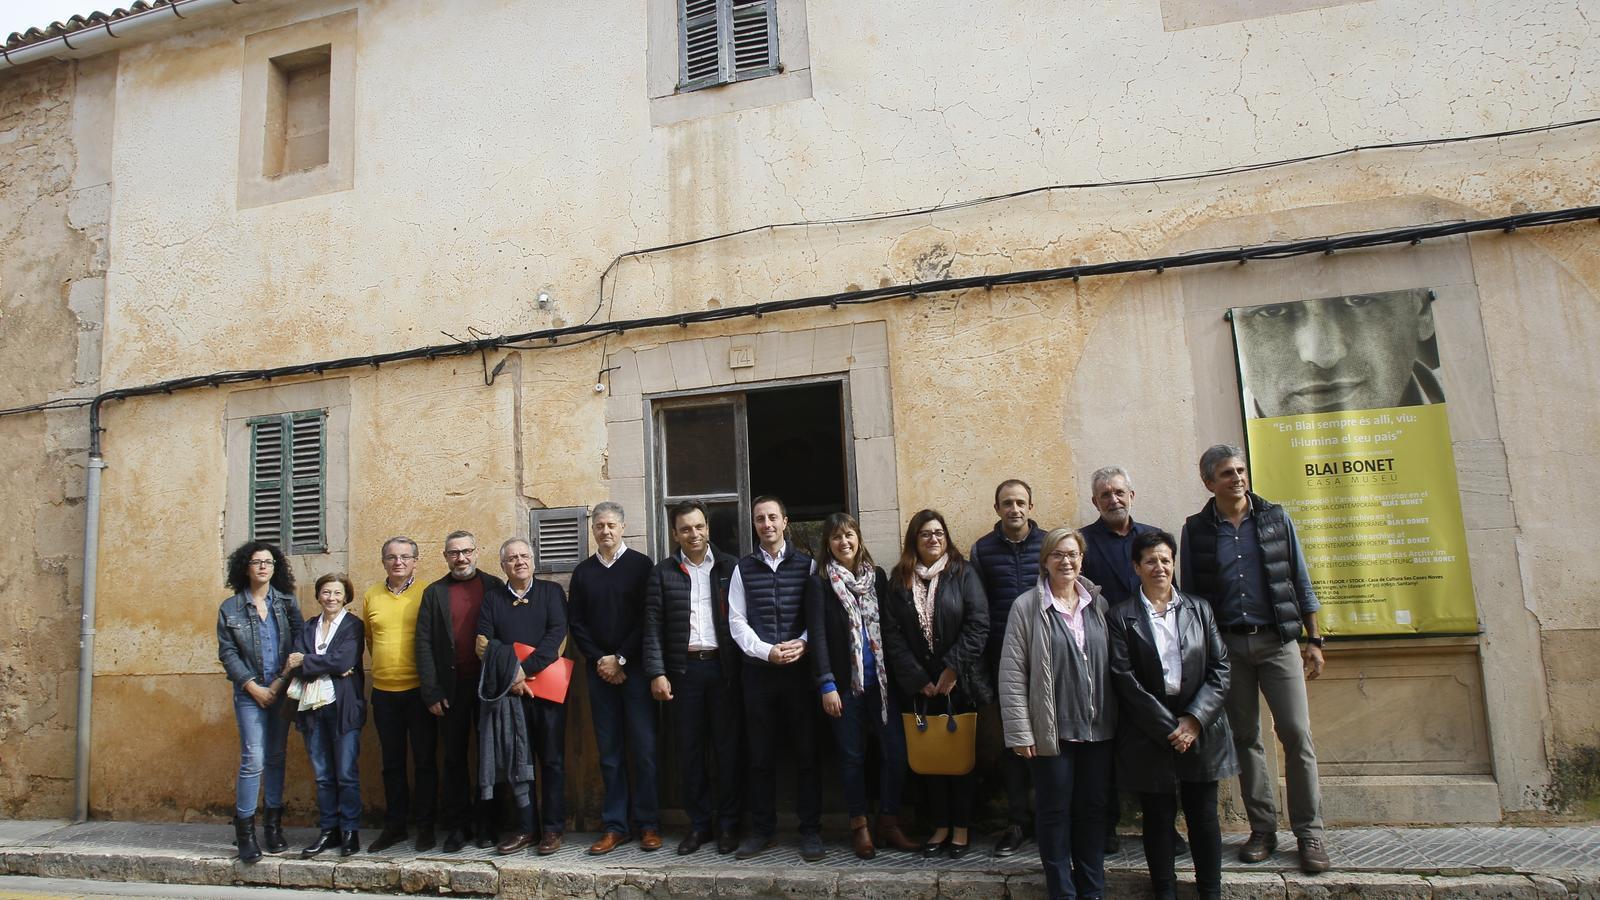 Familiars de Blai Bonet , membres del Consell i de l'Ajuntament de Santanyí davant la casa natal del poeta